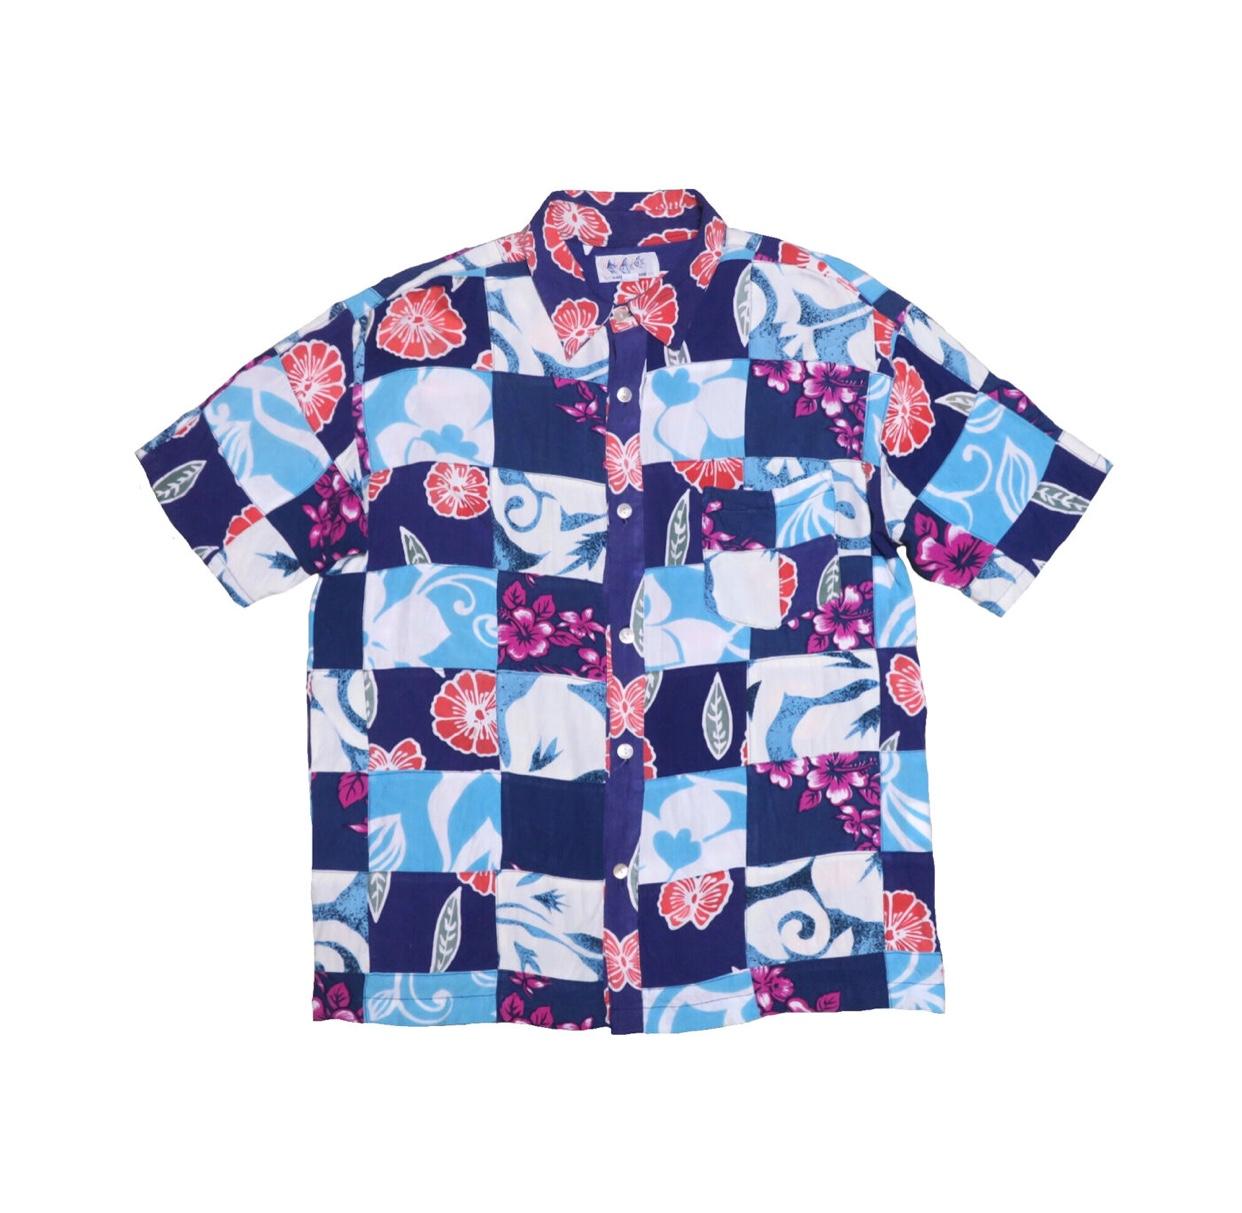 GAIJIN MADE『アロハシャツ 柄シャツ』UPしました